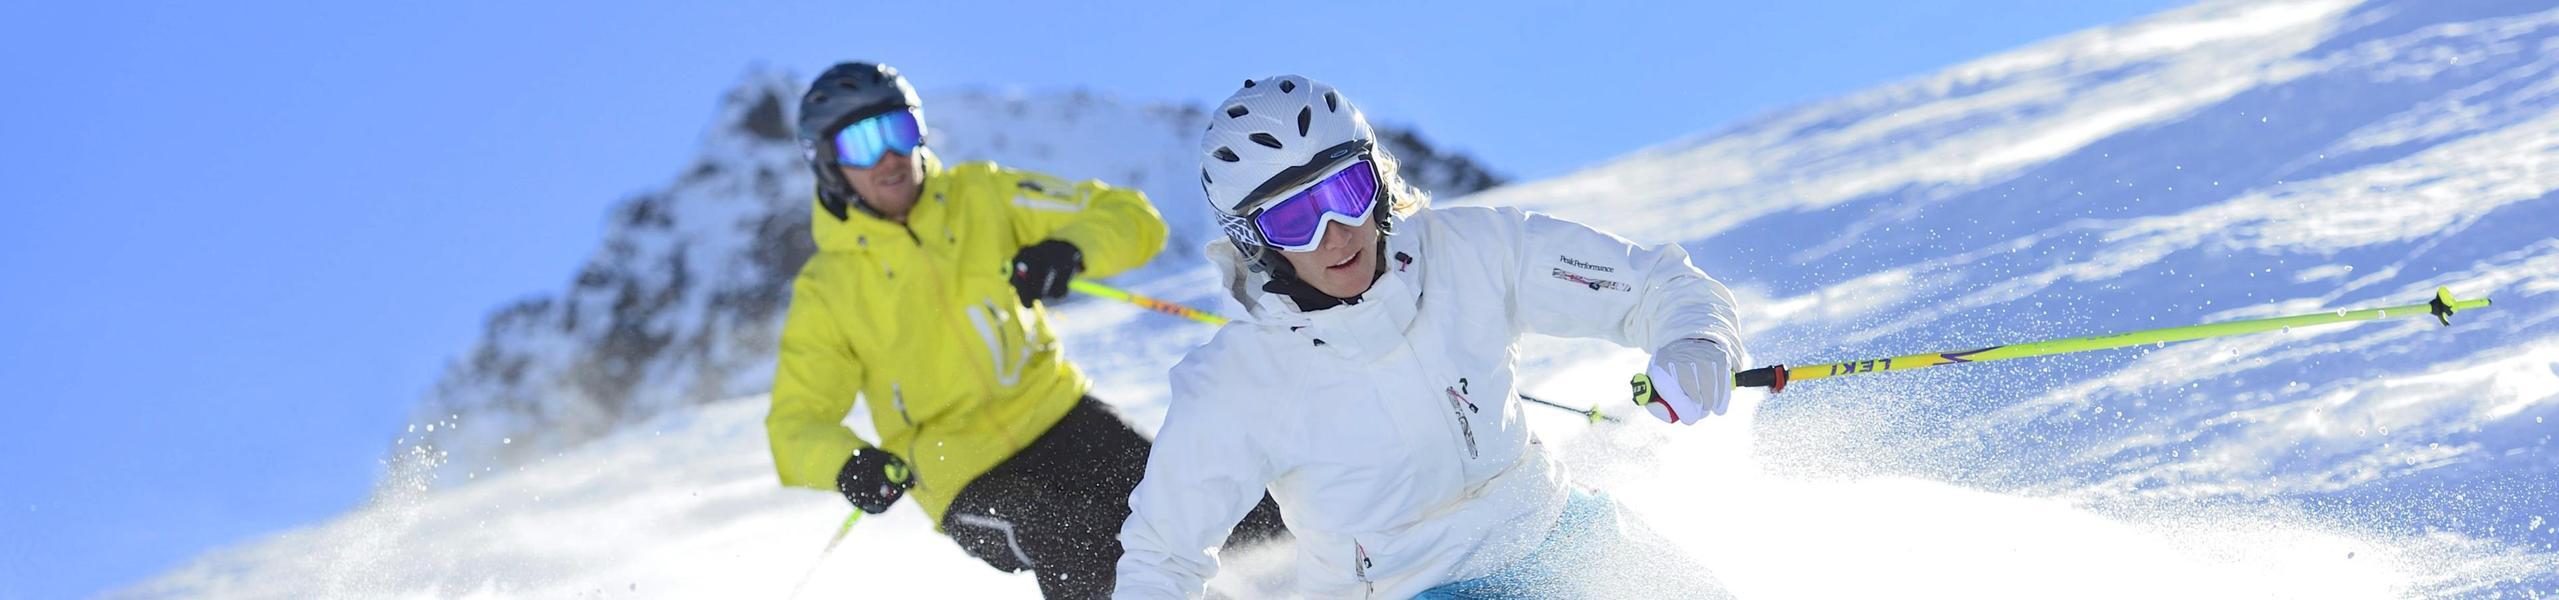 CheckYeti Ski Lessons